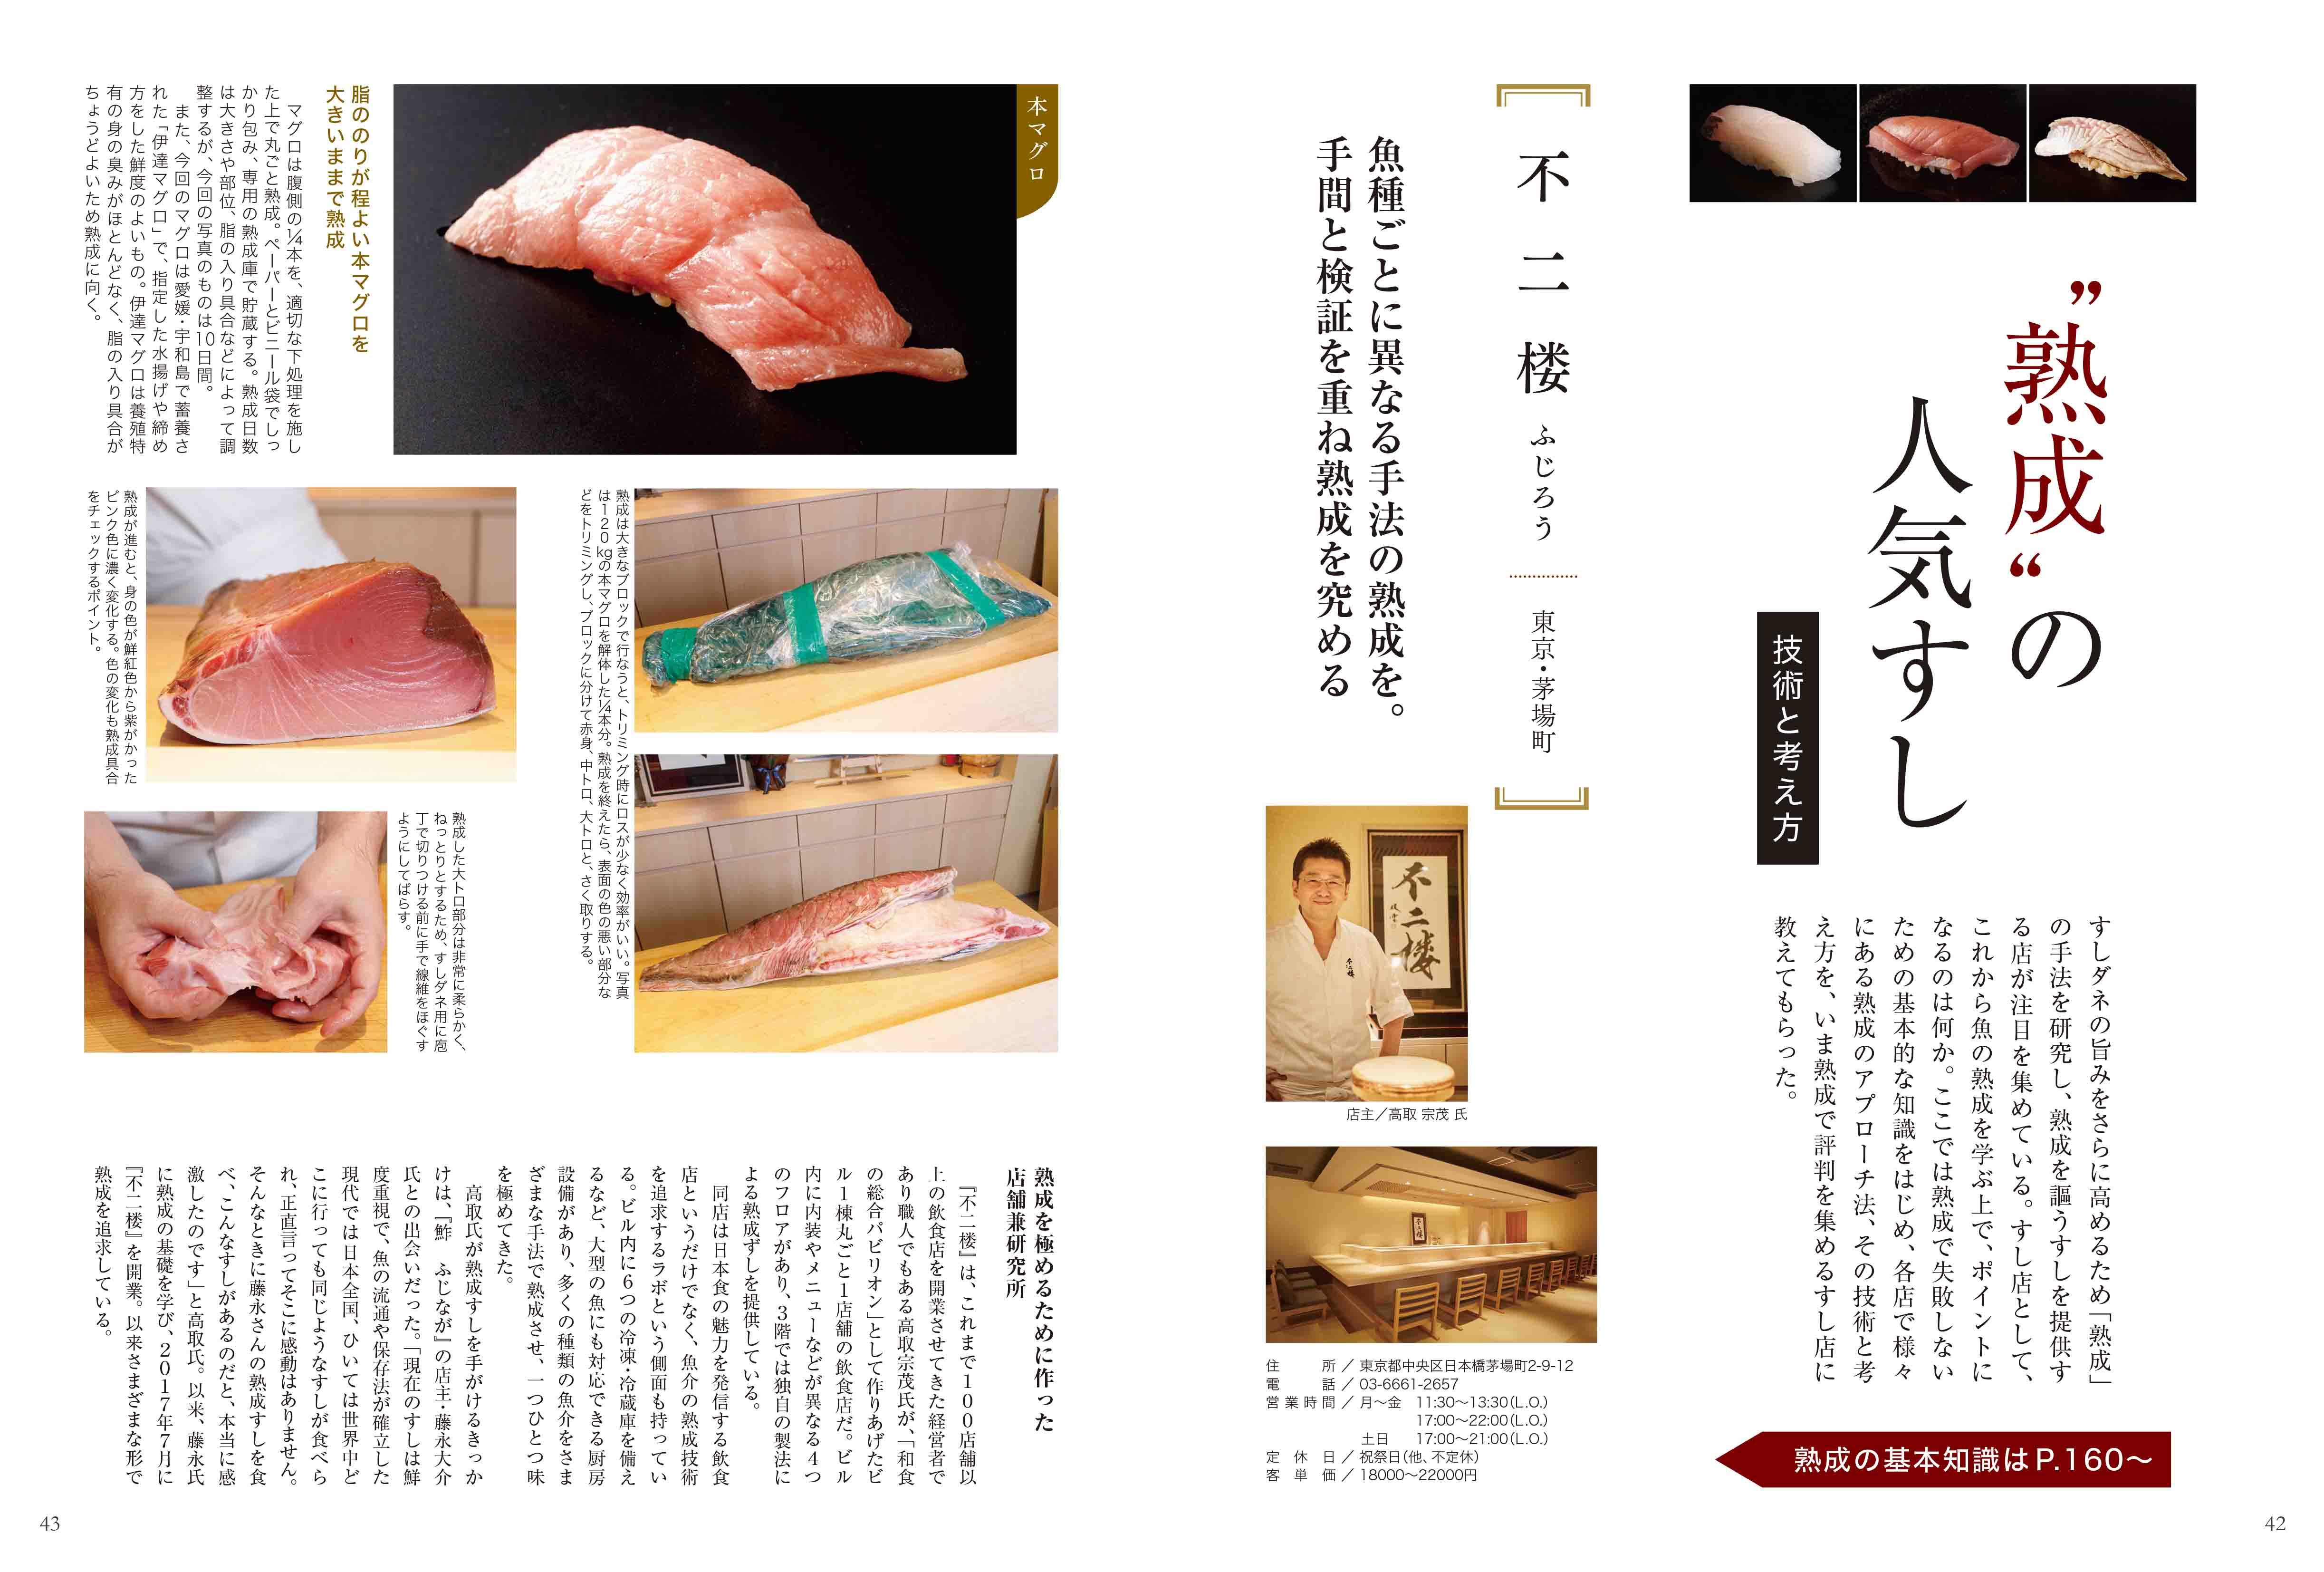 P042_053_Sushi17_jukusei_color_180117.indd